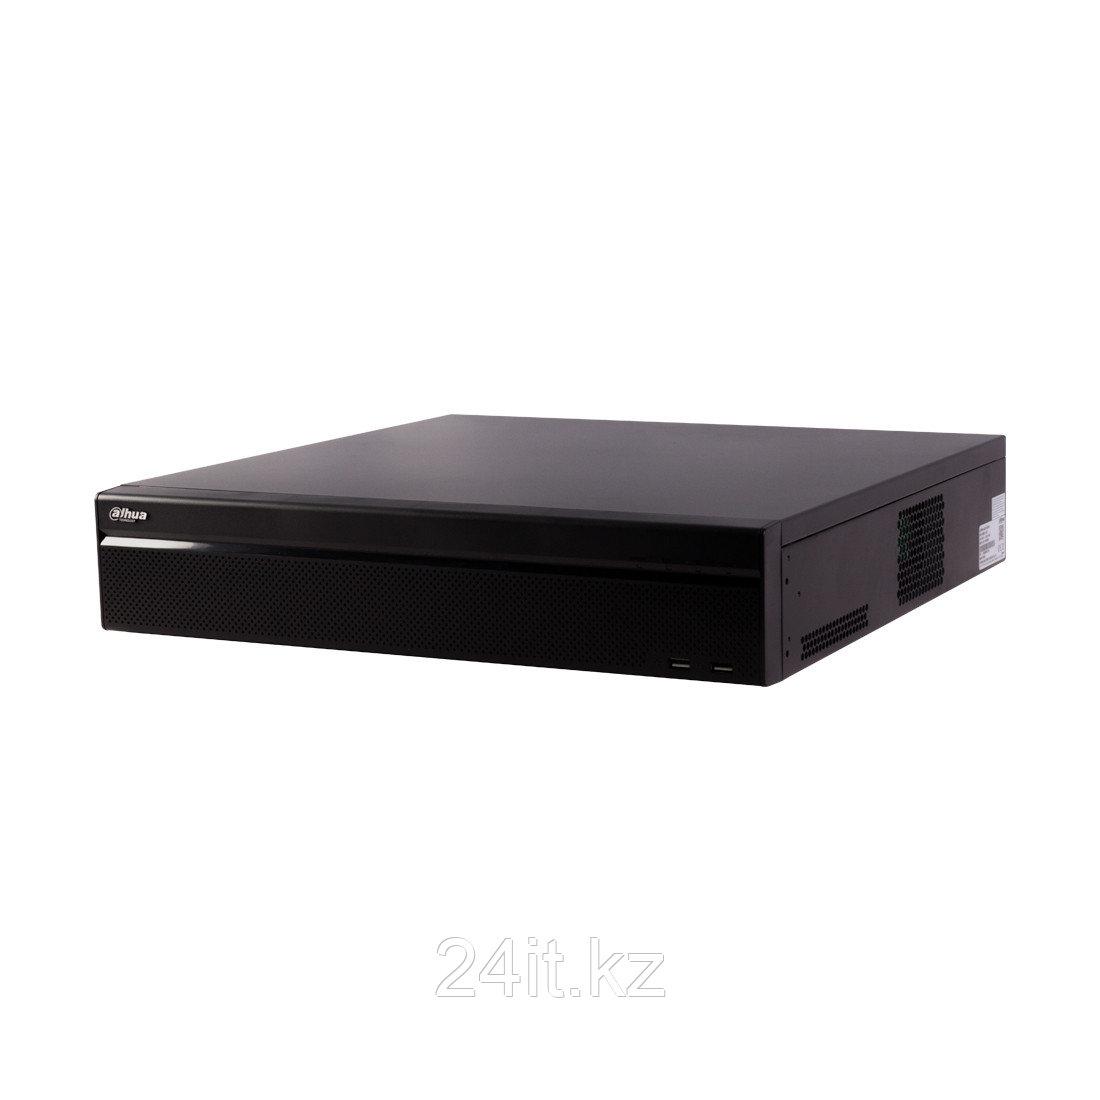 Сетевой видеорегистратор Dahua DHI-NVR4832-4KS2